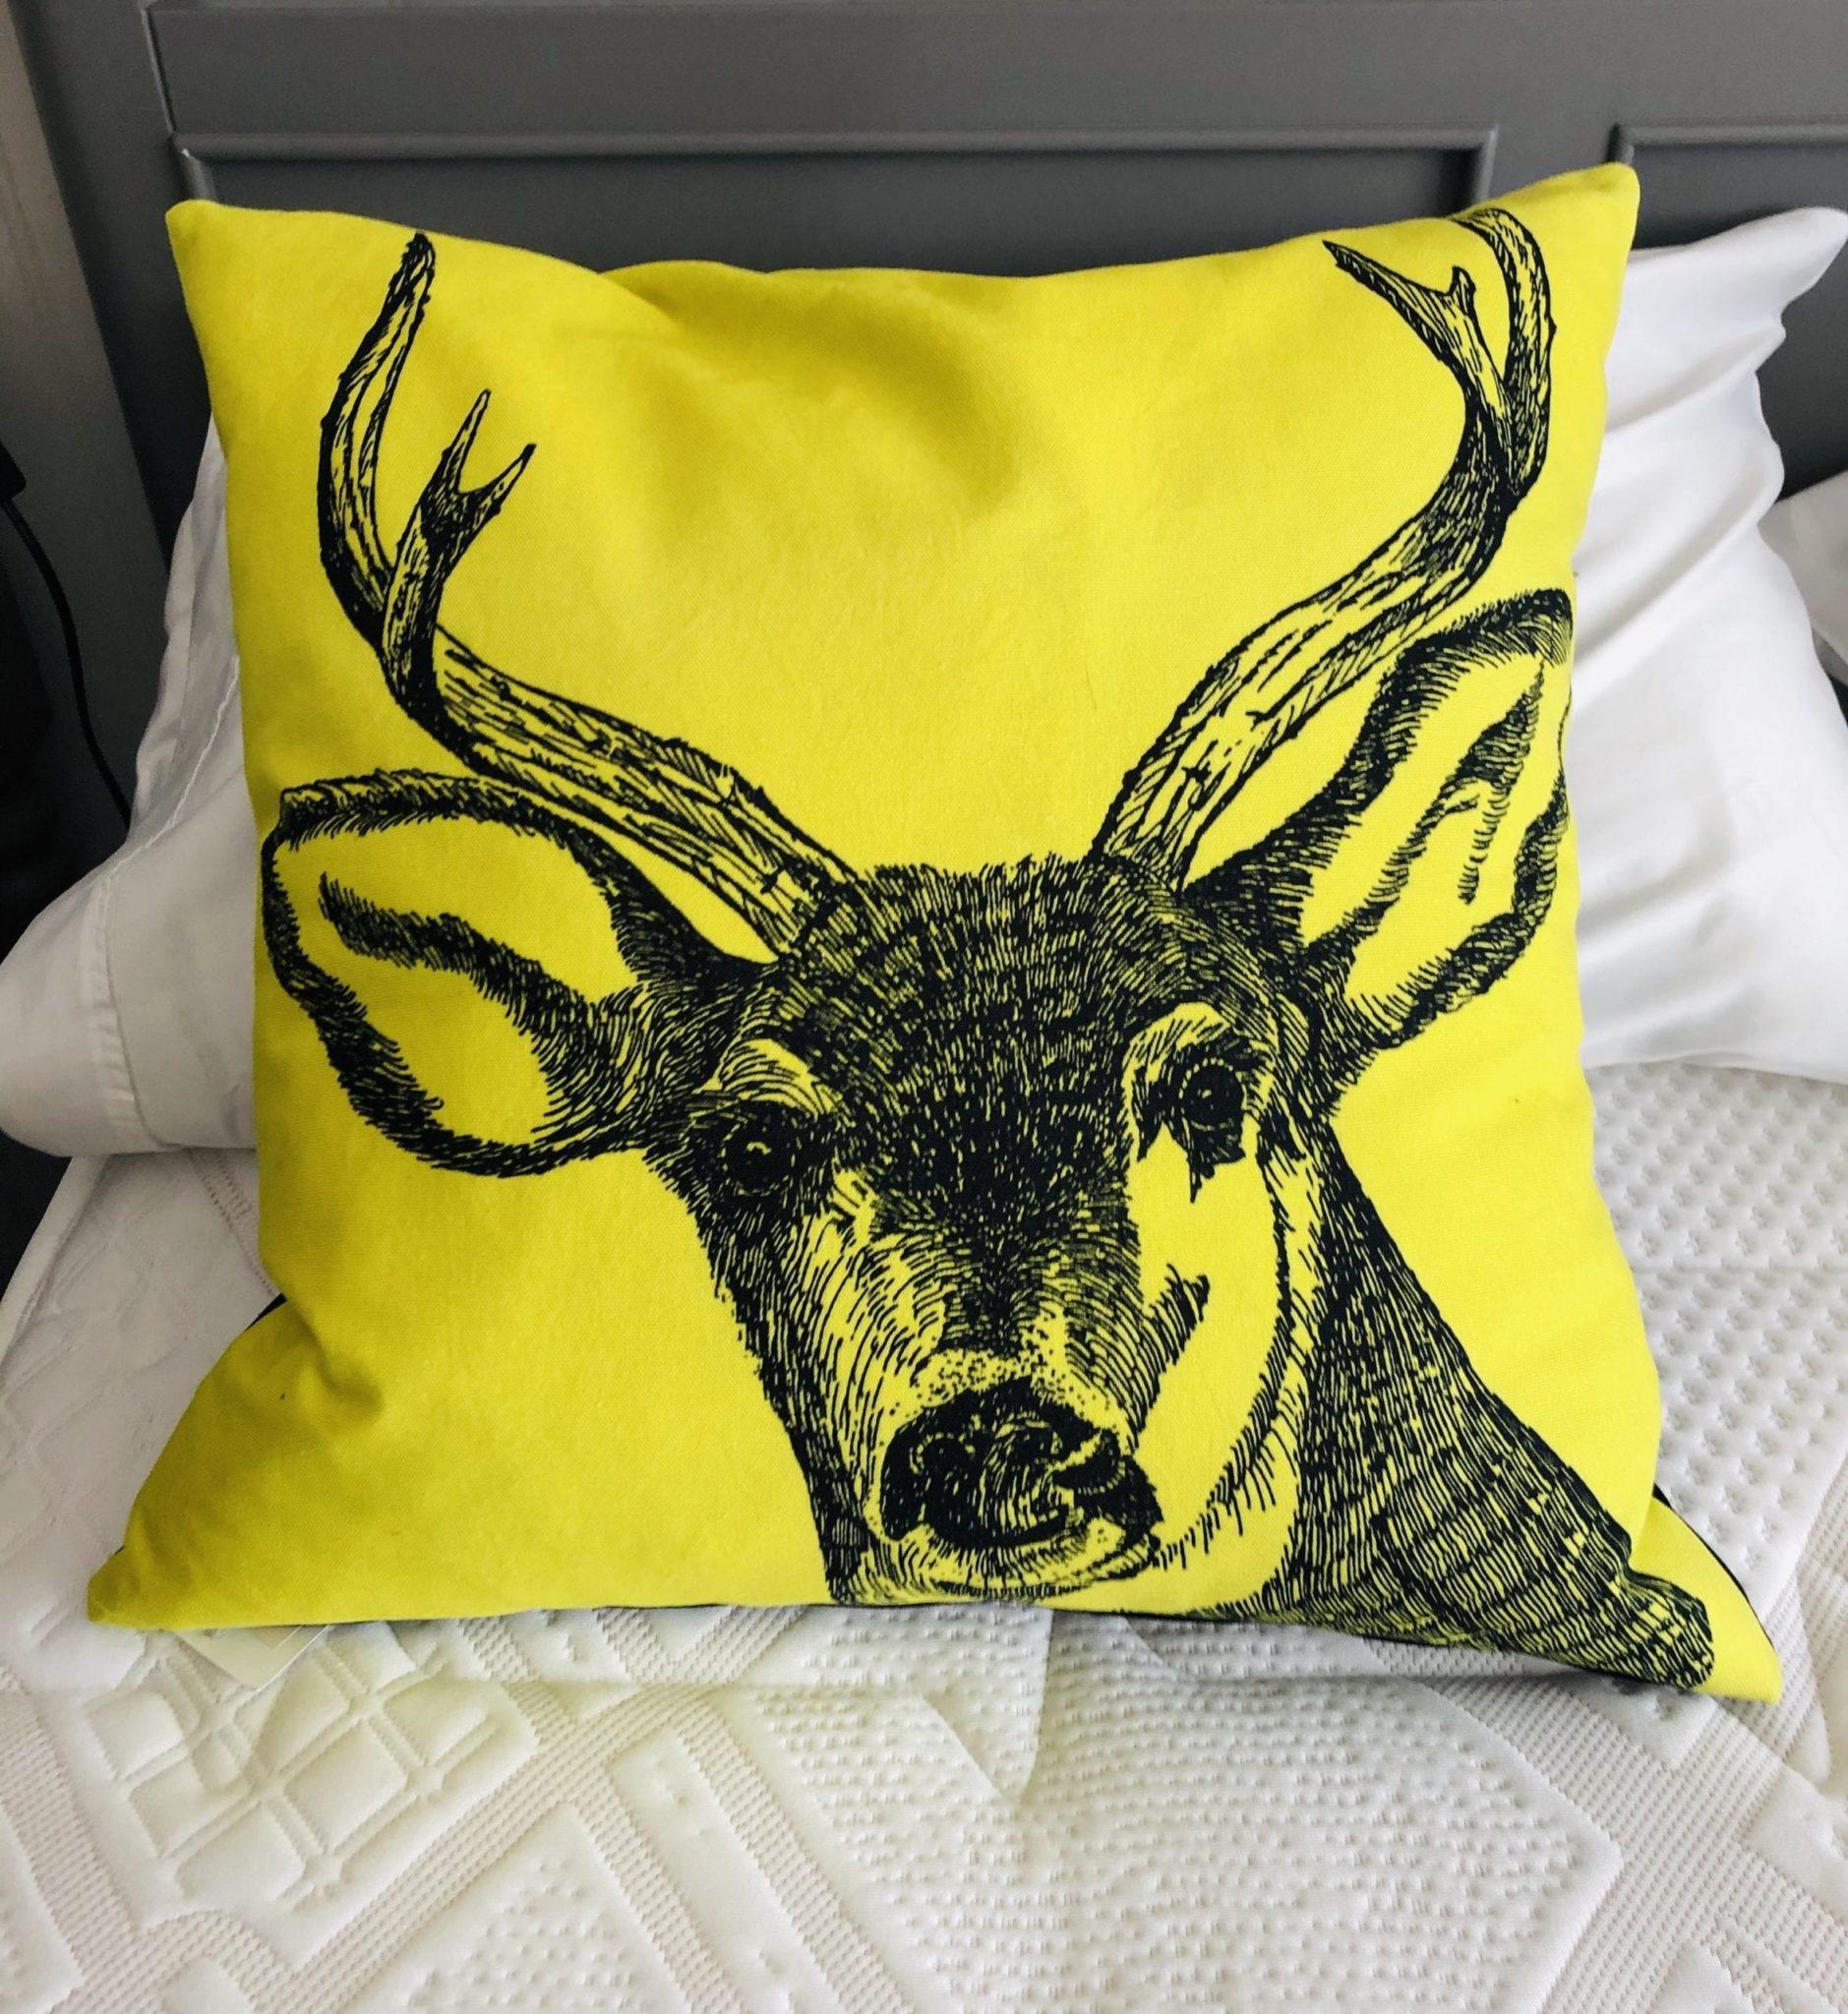 ellow stag cushion Black face